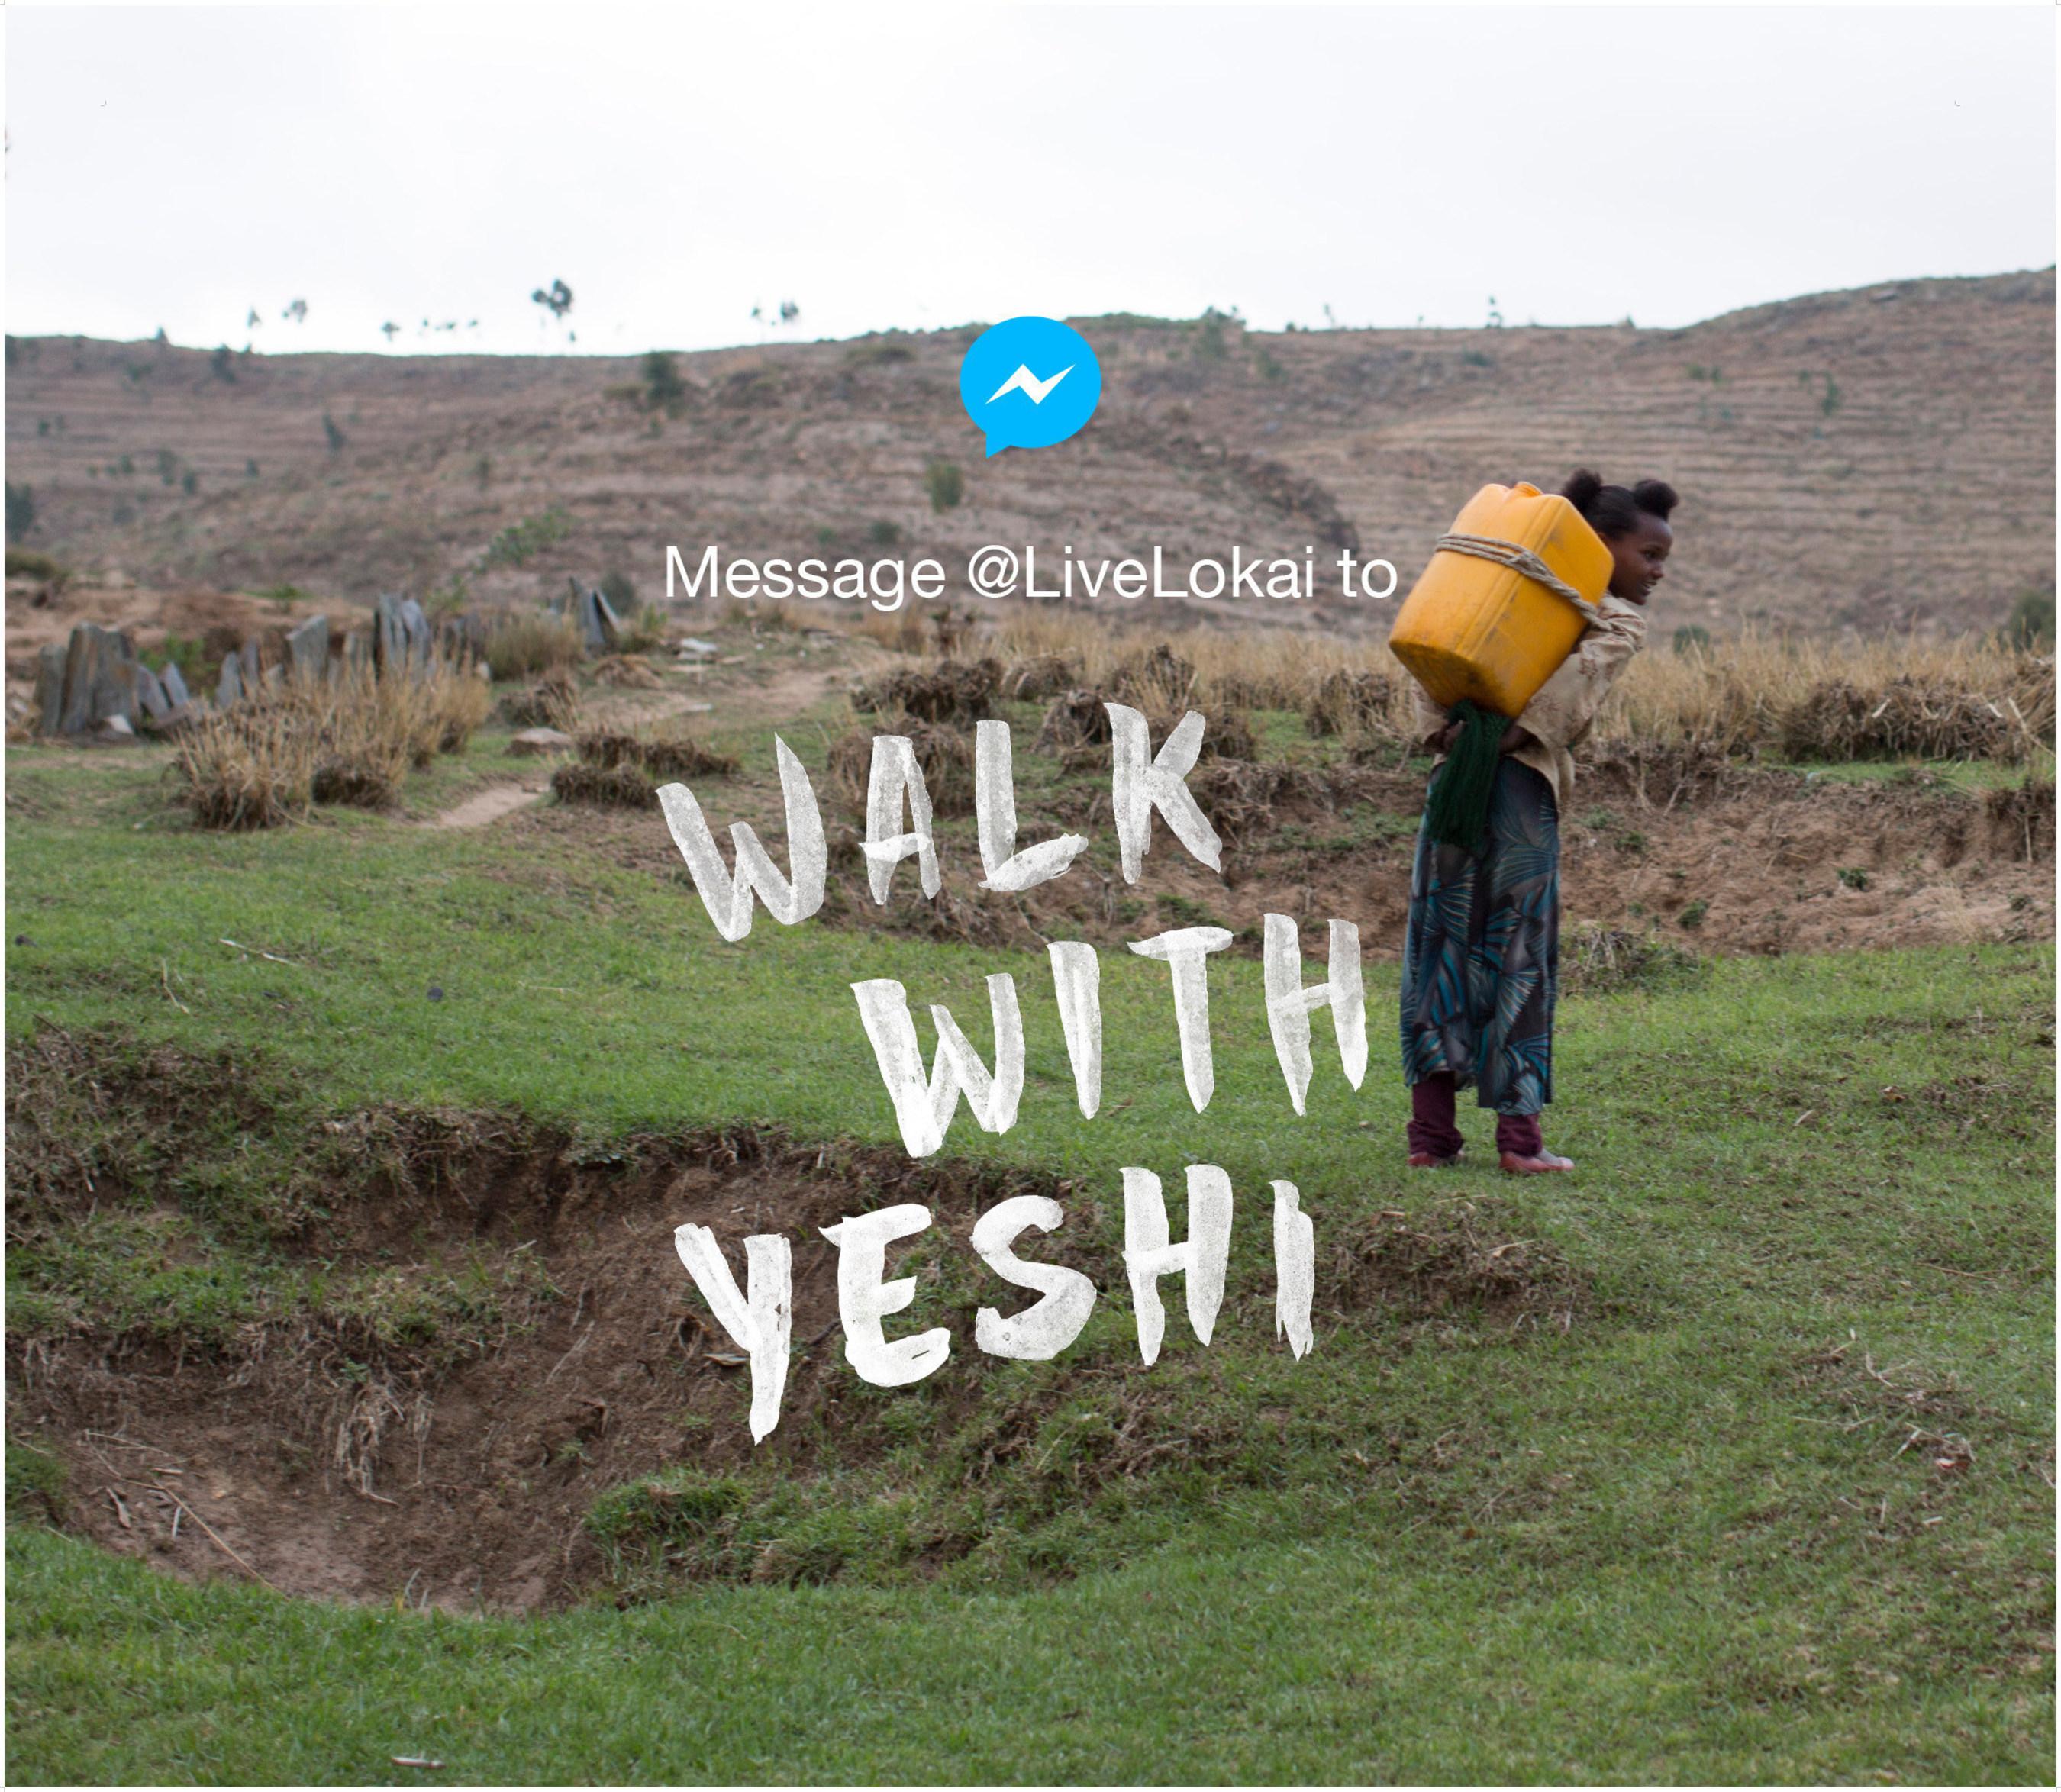 Walk With Yeshi